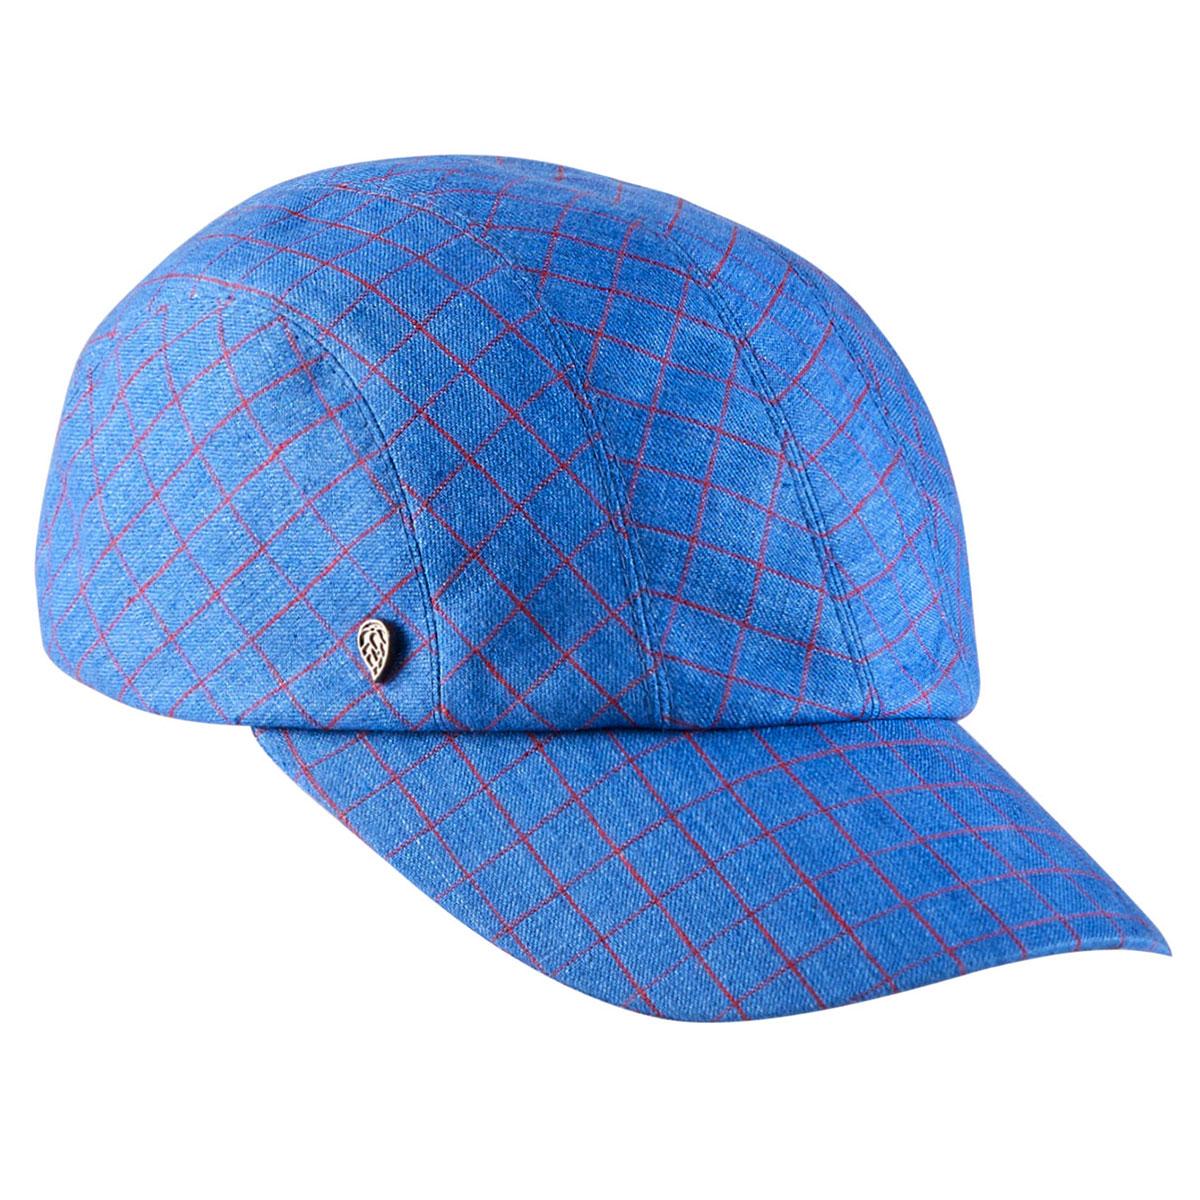 Kaminski Sawyer Baseball Cap in Blue Check